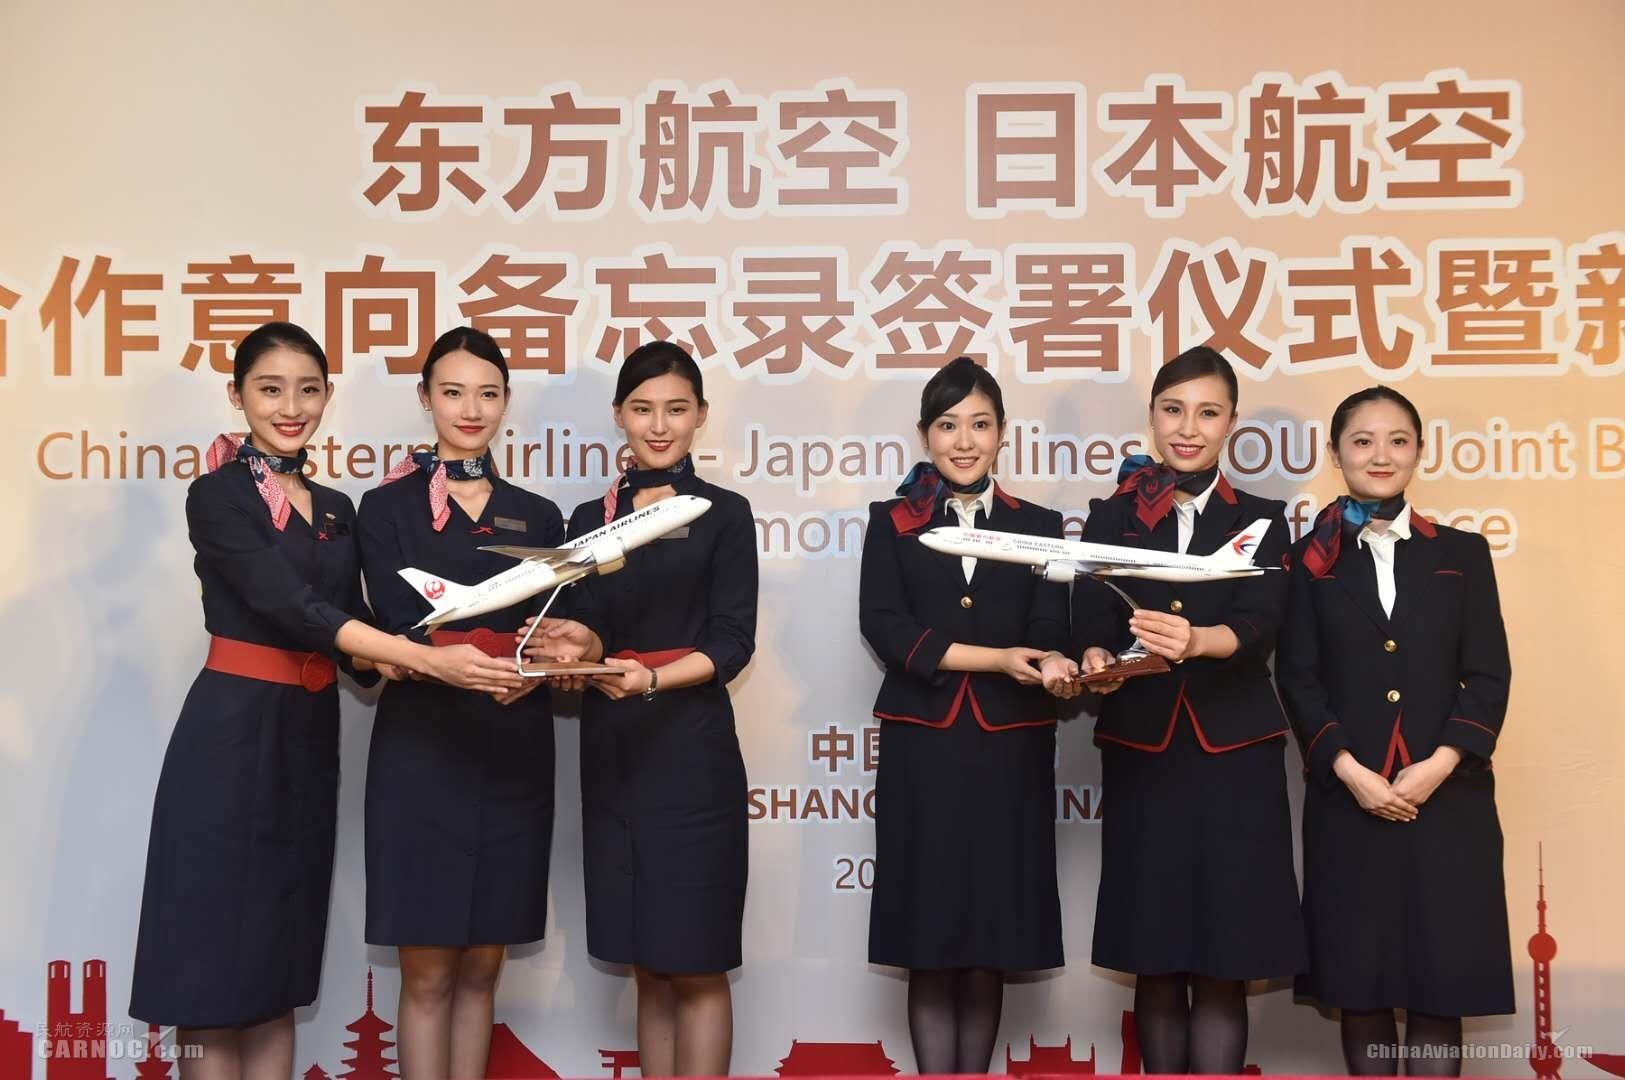 东航与日航开启航线联营合作 深耕中日航空市场